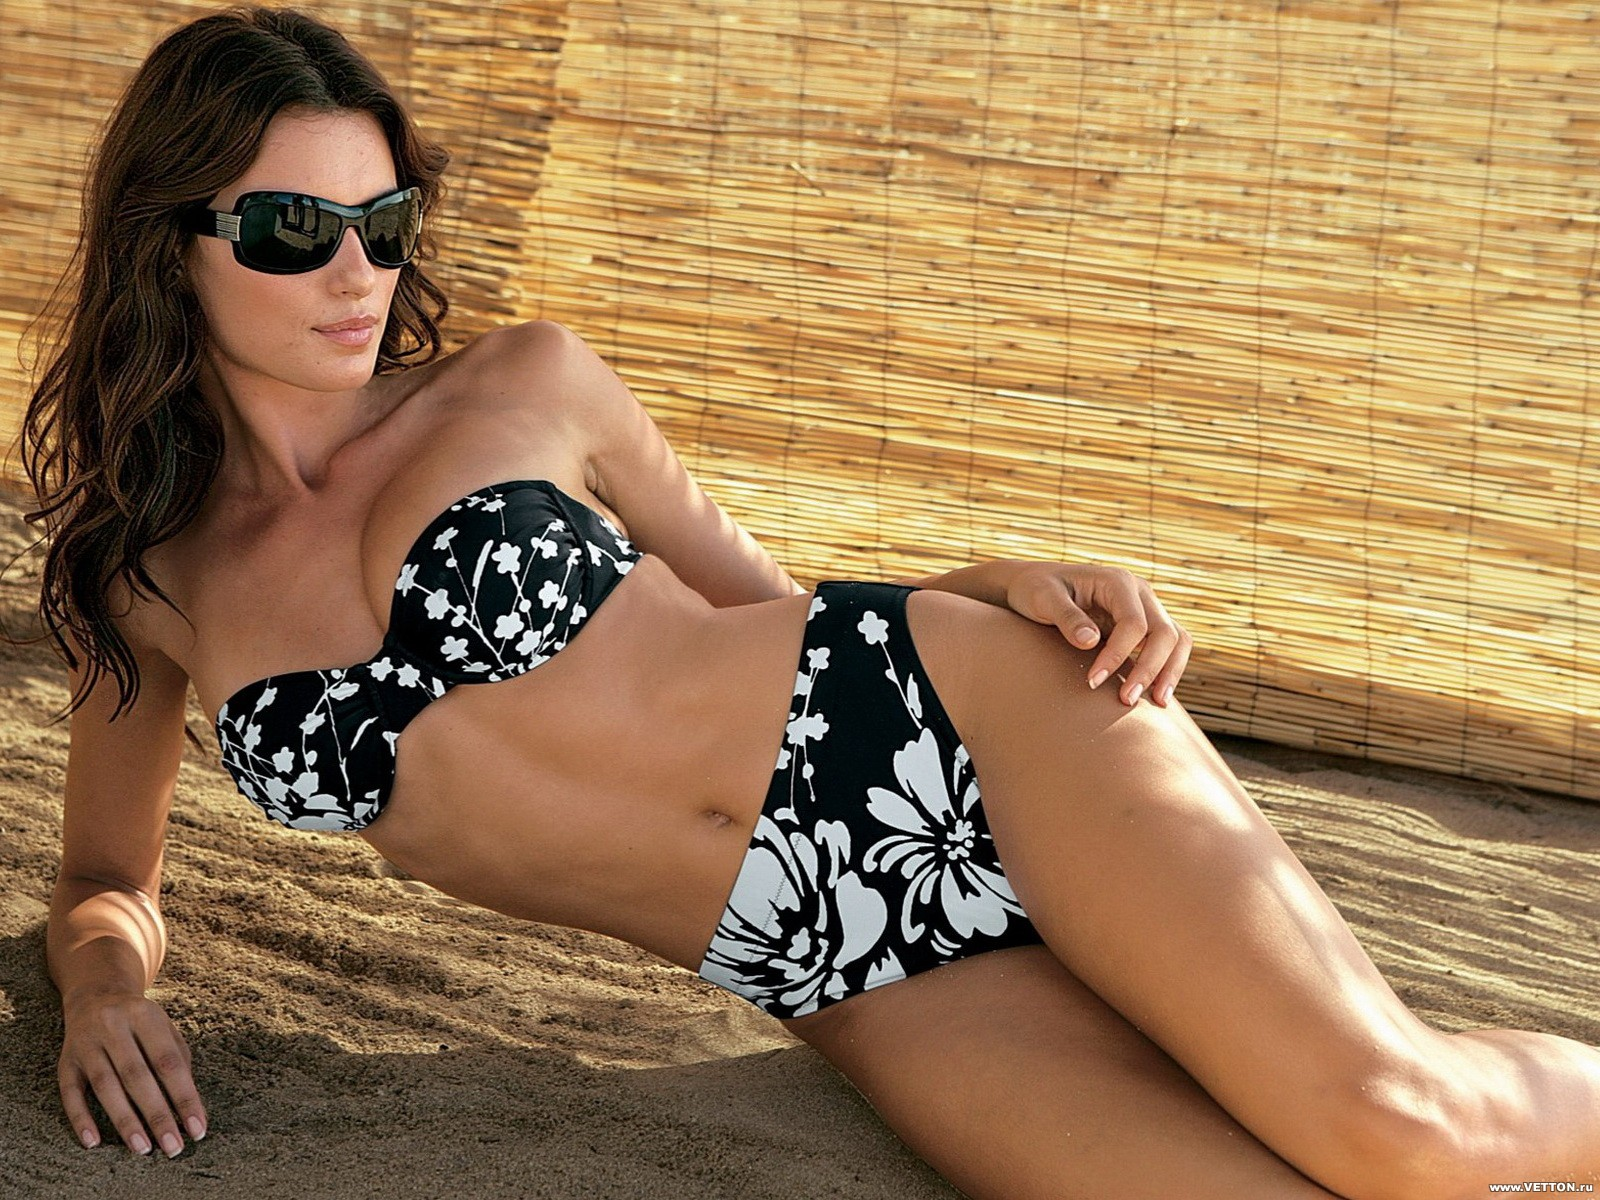 Фото девушек на пляже в очках 20 фотография